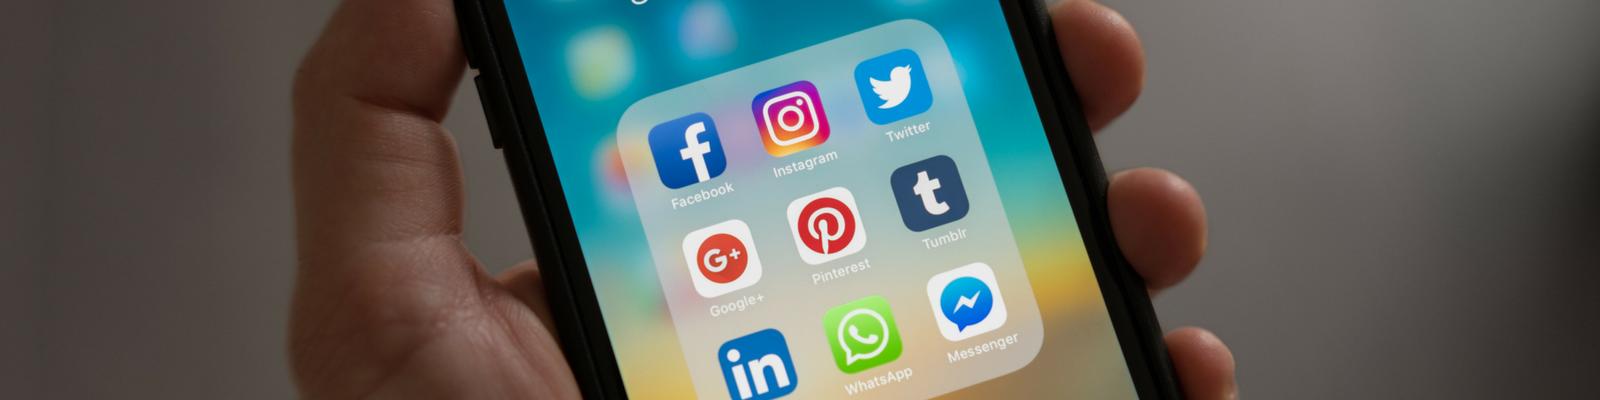 ¿Qué pasará en Social Media durante 2018?